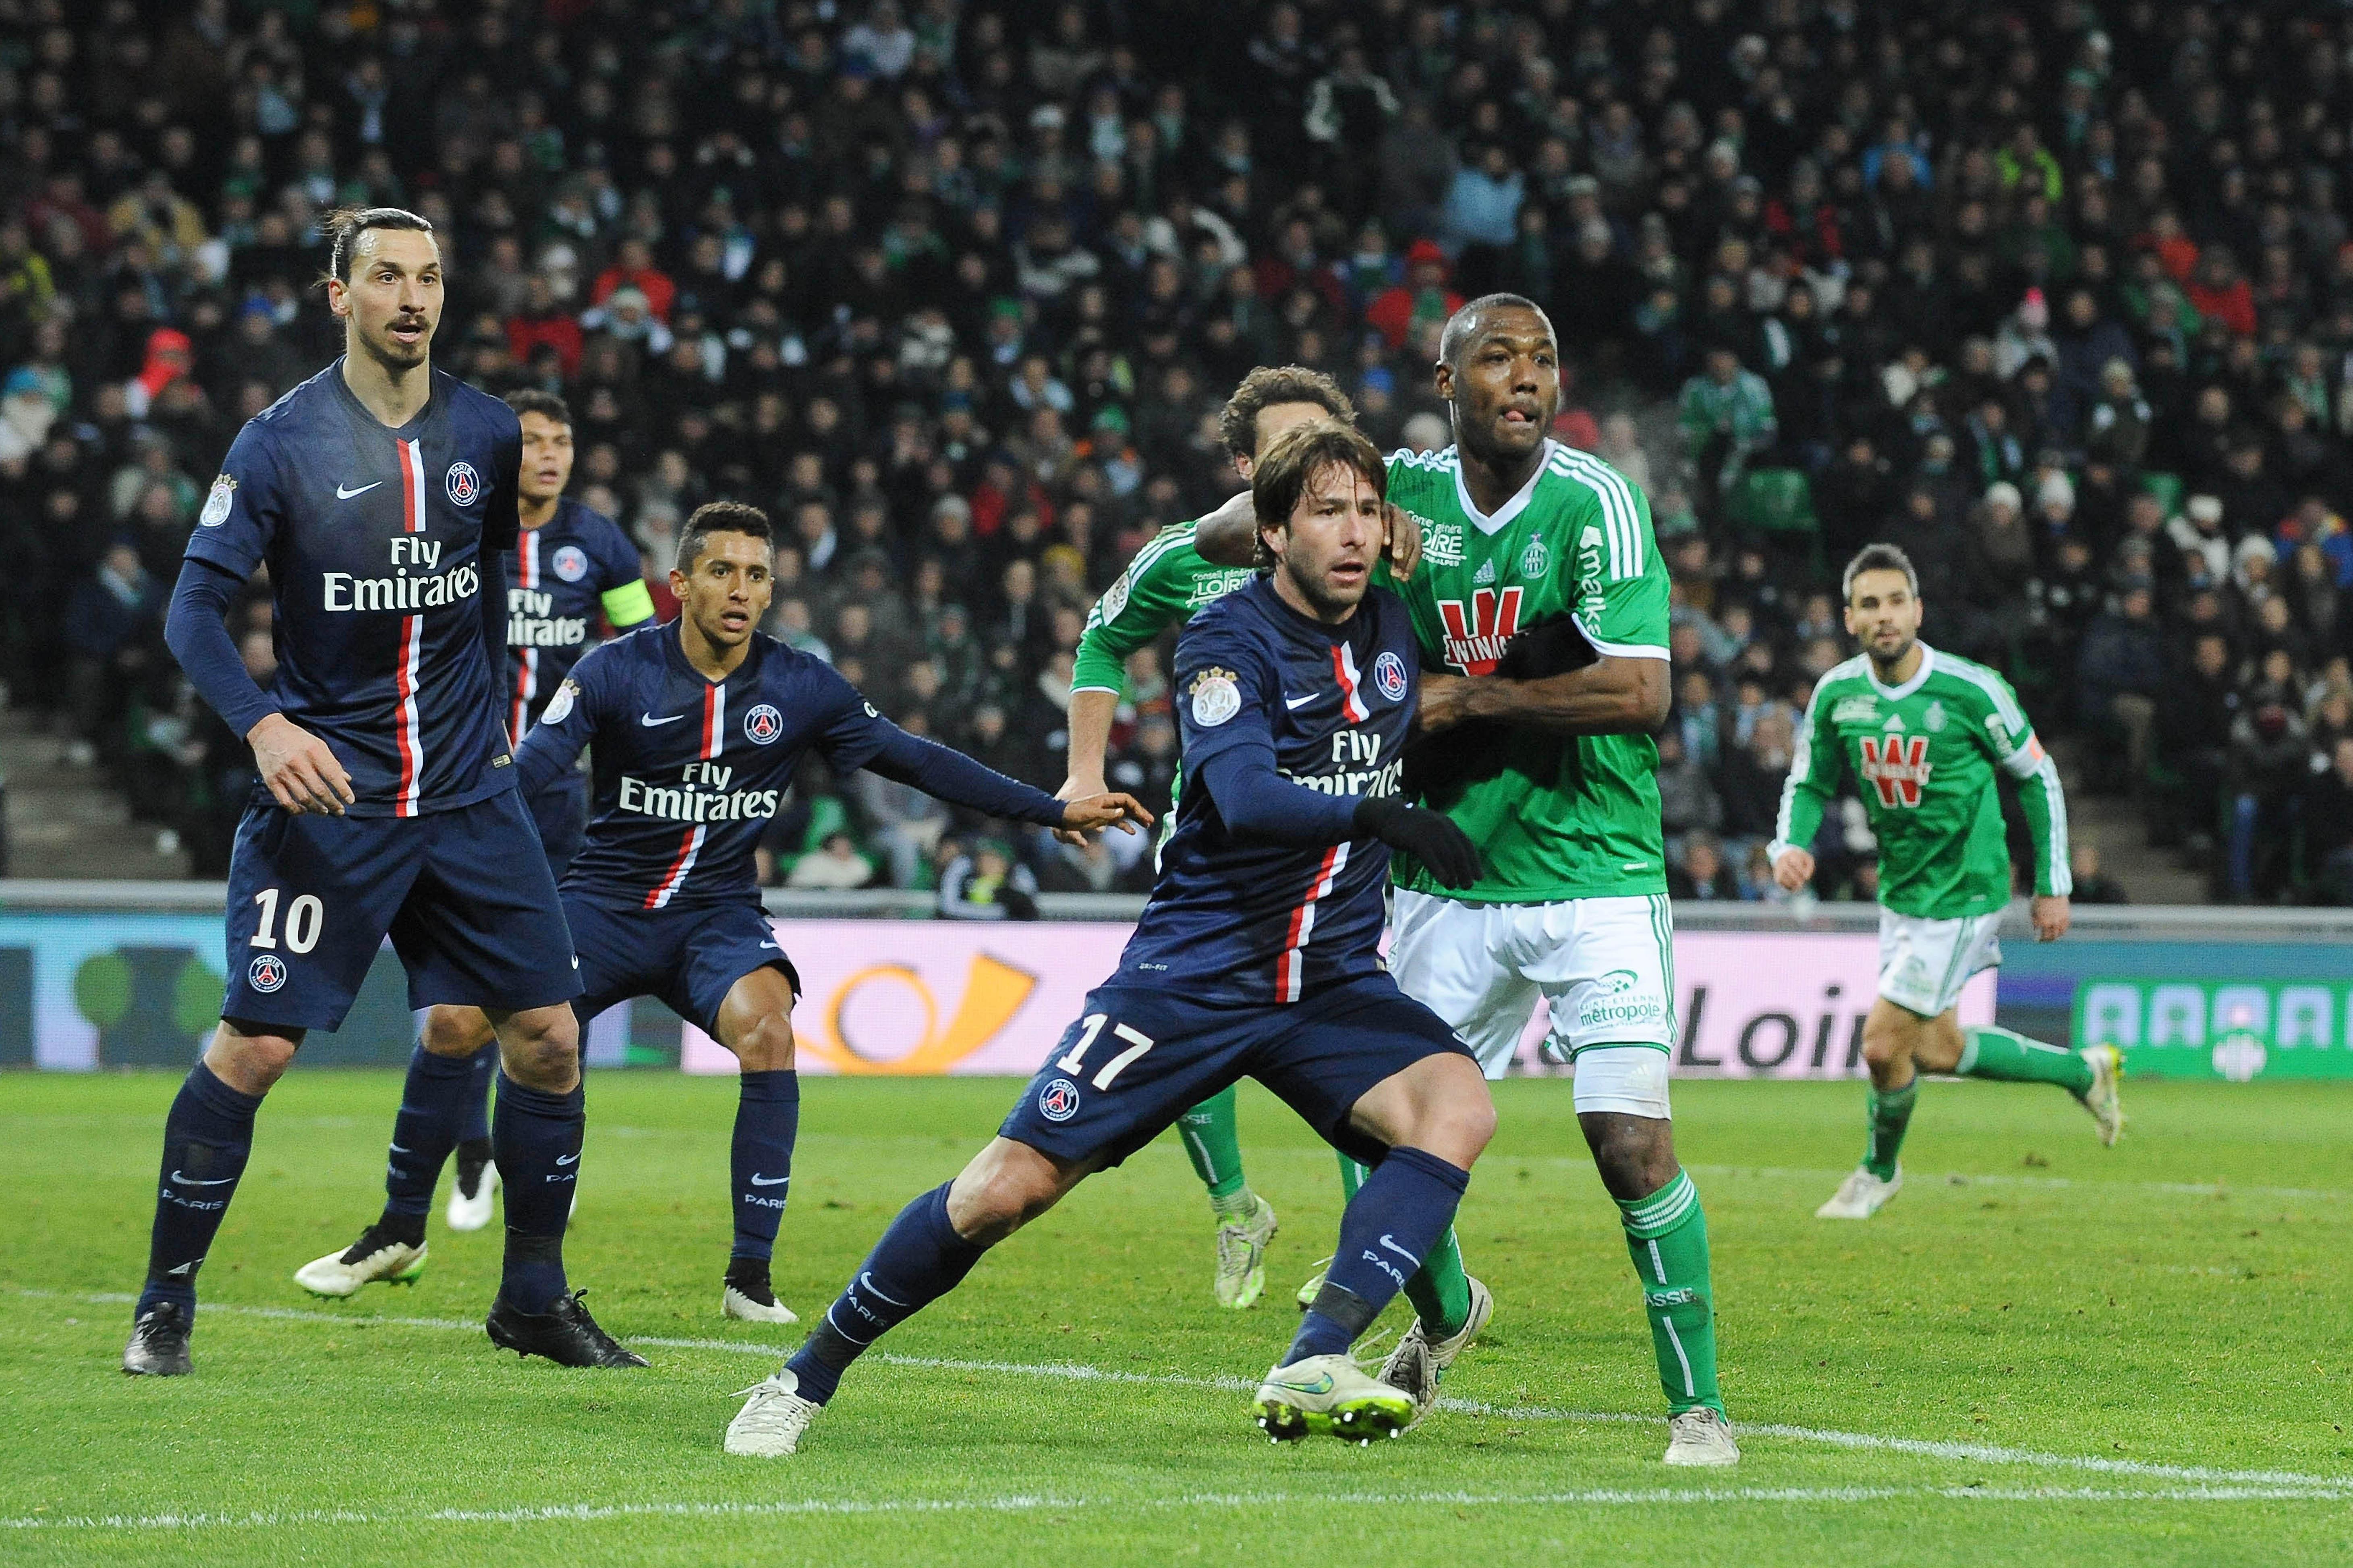 Saint etienne psg les verts ont pos leur veto pour le report coupe de france football - Football coupe de france ...